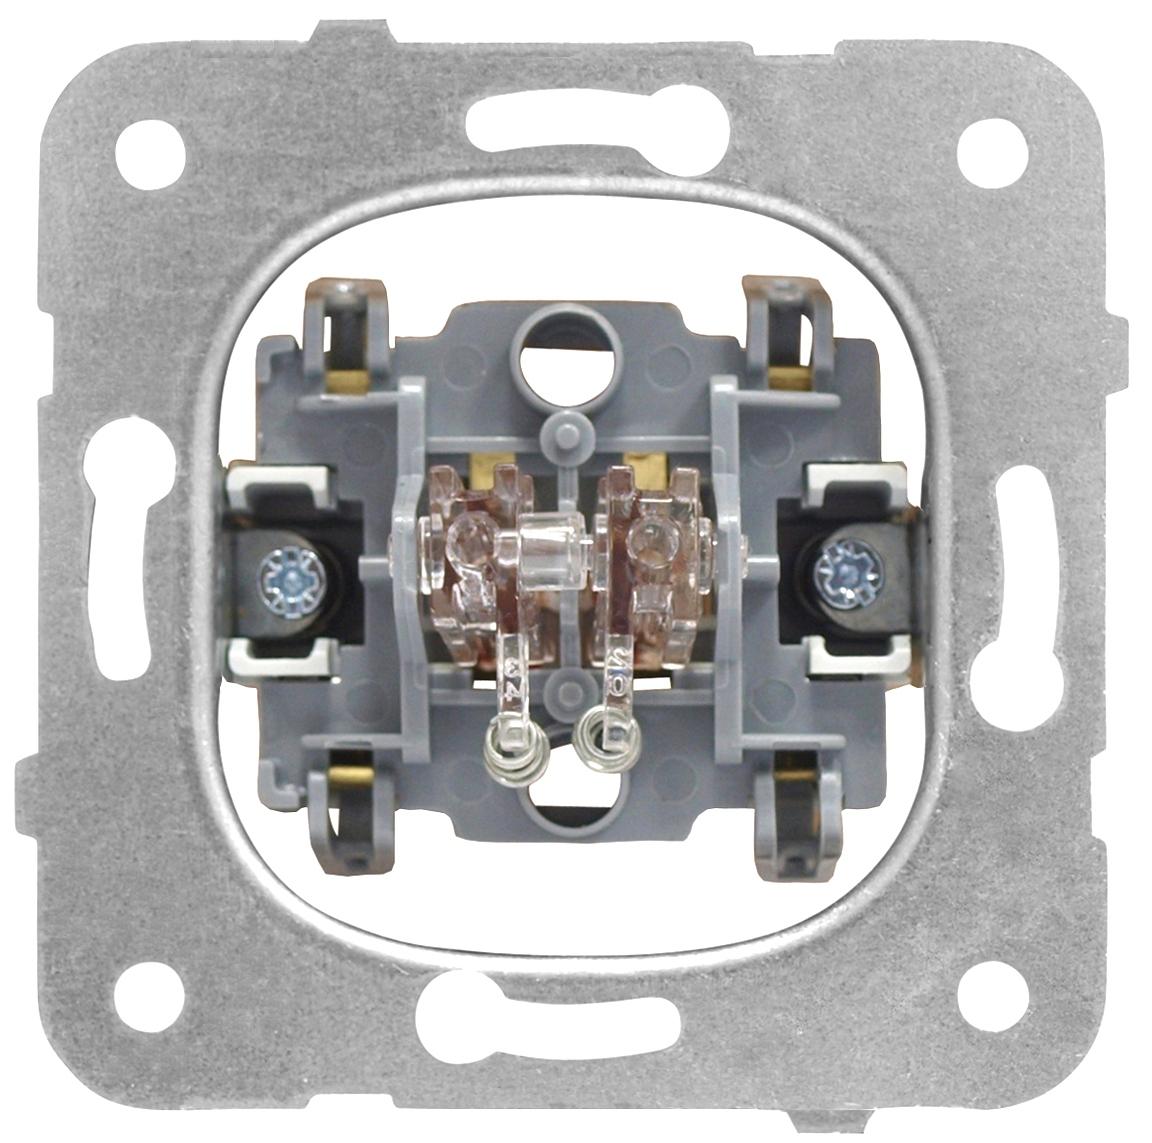 1 Stk Jalousieschalter-Einsatz, Steckklemmen EV100025--